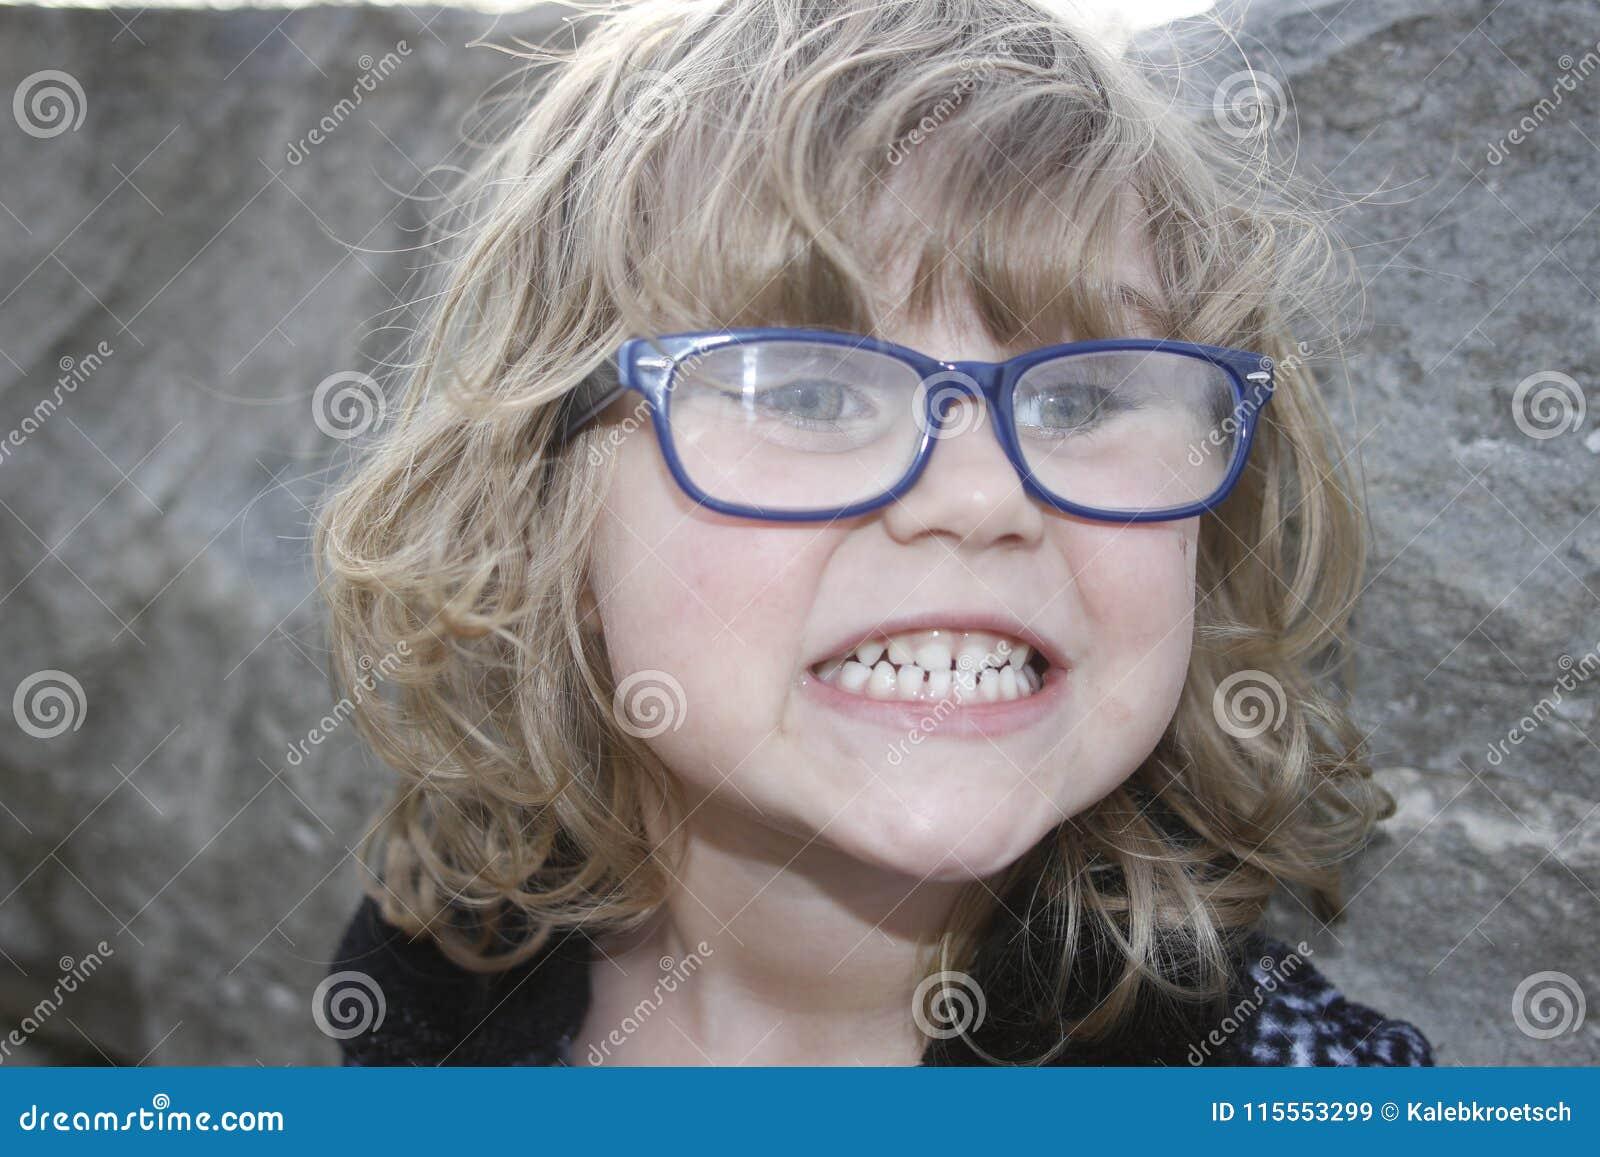 Jordana brewster cum in mouth